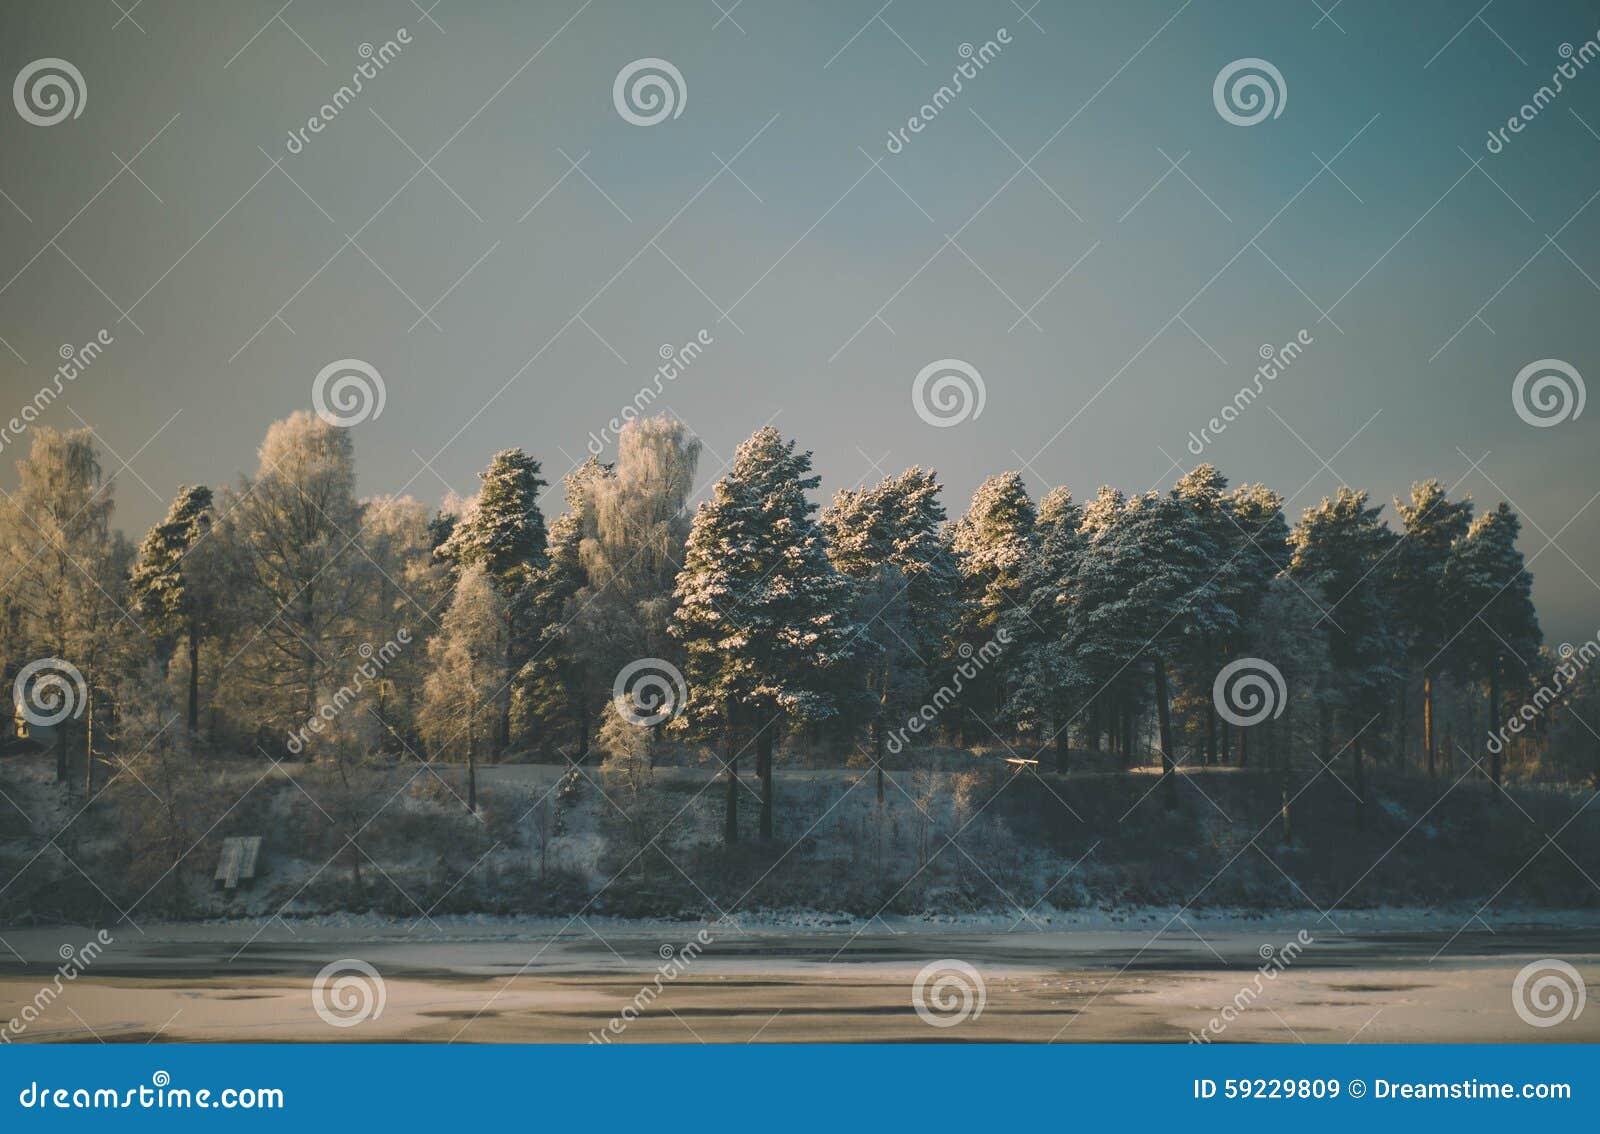 Download Fila de árboles imagen de archivo. Imagen de bosque, blanco - 59229809